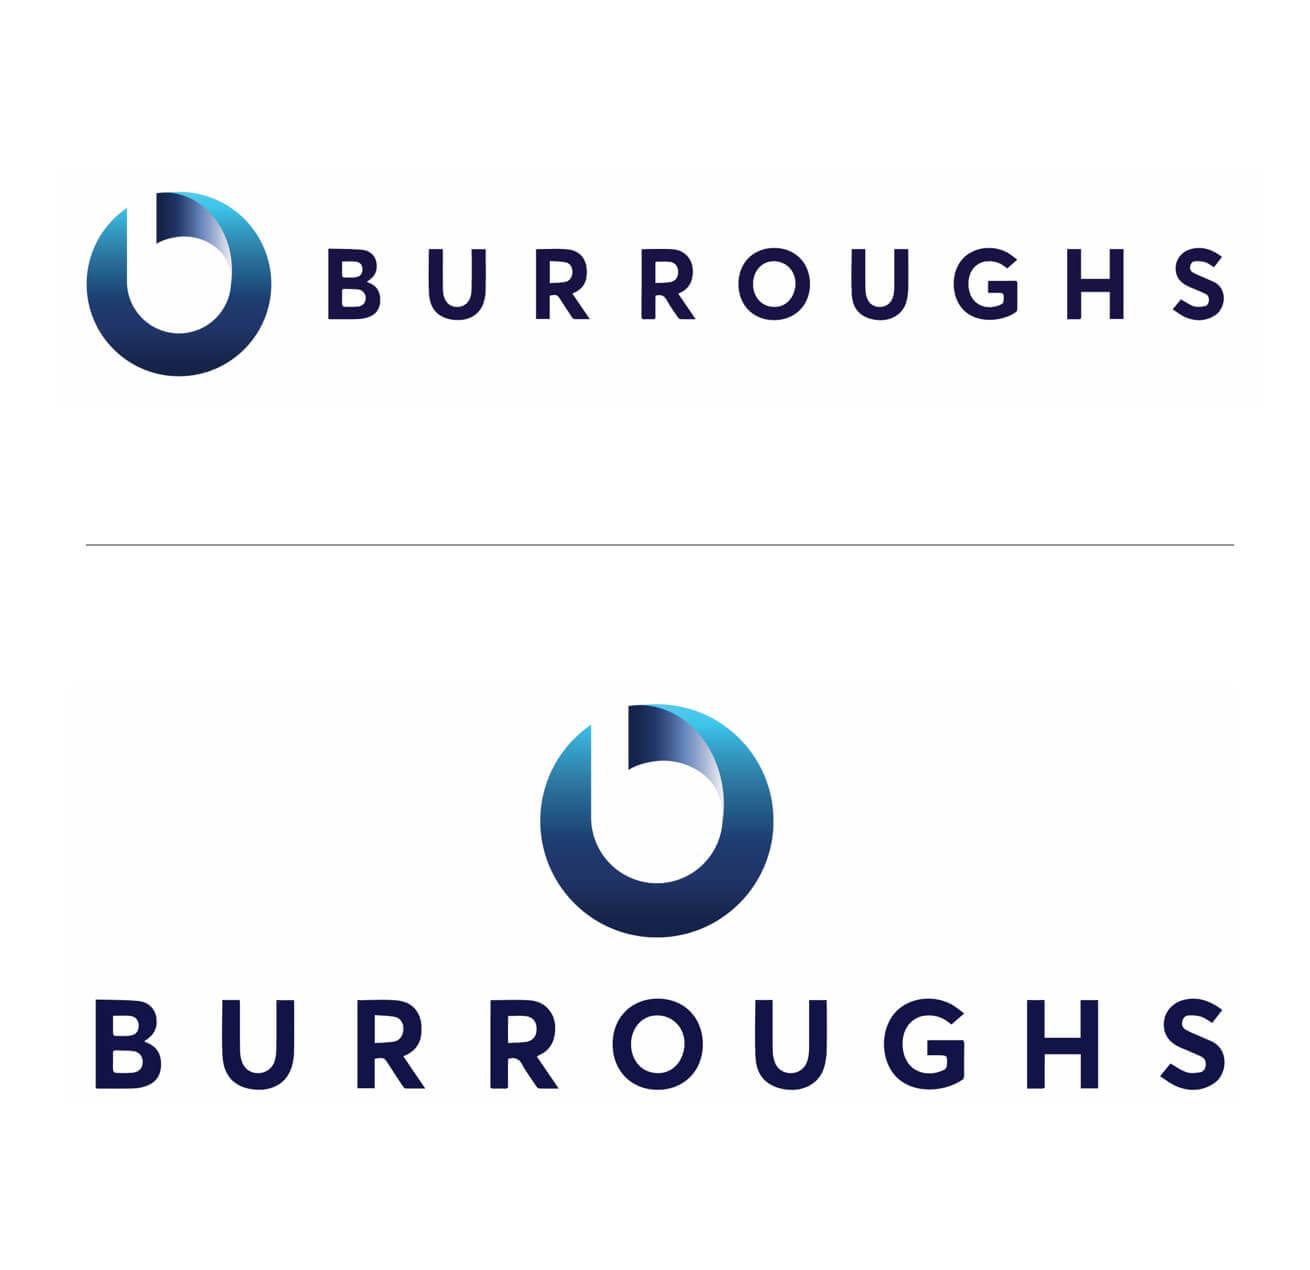 Burroughs Tech Firm Logo Design